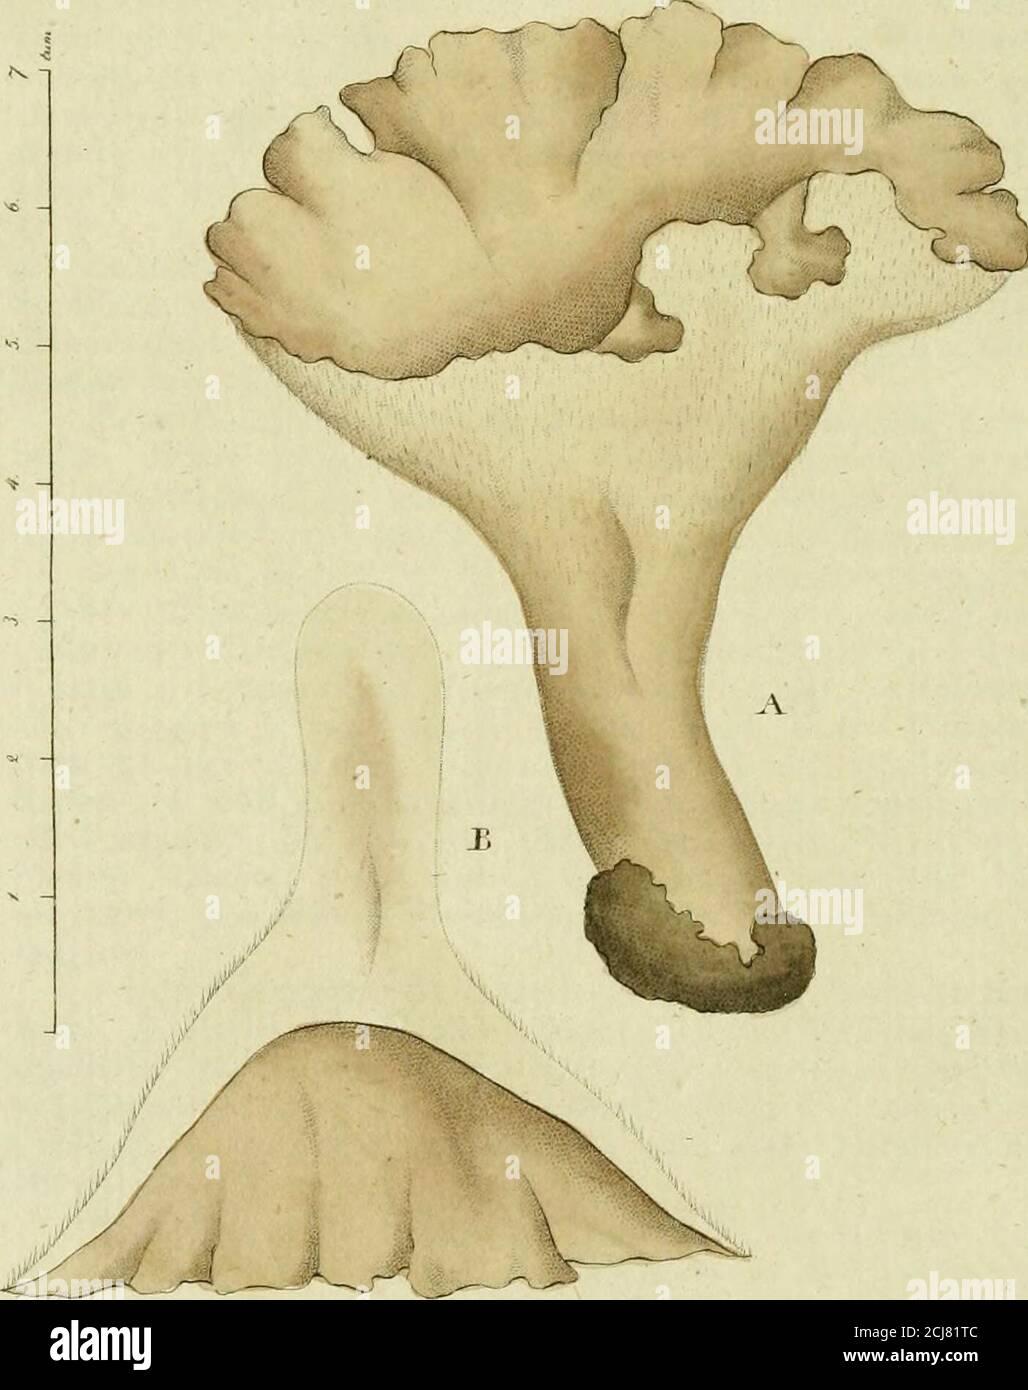 . Svensk botanik . ch den gröna massan, som förut liktett band genomstrukit tråden, samlar sig i vinklarne afleder ne. Af de här upptagne arter lefva de två i färskt vatten,neml. D Swortzii, som blifvit funnen både i Halland, Vest-manland och Vermland, och D. tennis som finnes i en bäckvid Fogelsang nära Lund. Deremot finnes D. fasciculalai Ii al vet på Ceramier, hvilka den som små k» ist fillika nå-lar betäcker. A * * *. Tab. Fig. x. Ett knippe af Diatoma Swartzii i nat. stor-lek. — 2. En tråd före copulationen. — 3. Två trådar co-pulerade samt upplöste, båda mycket förstorade. 4- Diatoma ten Stock Photo